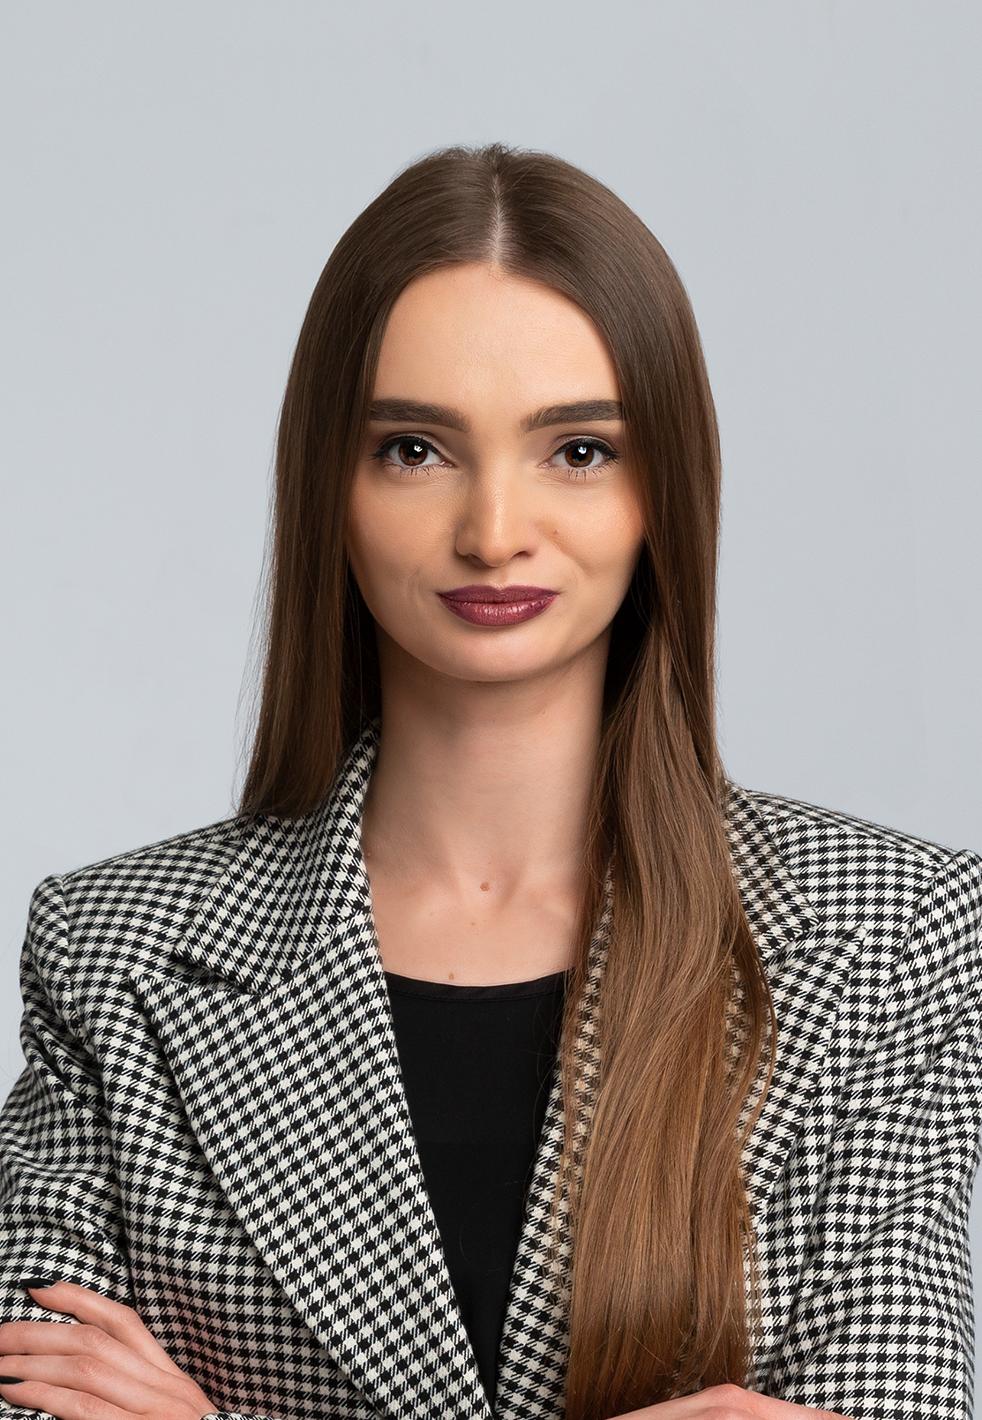 Aneta Piróg